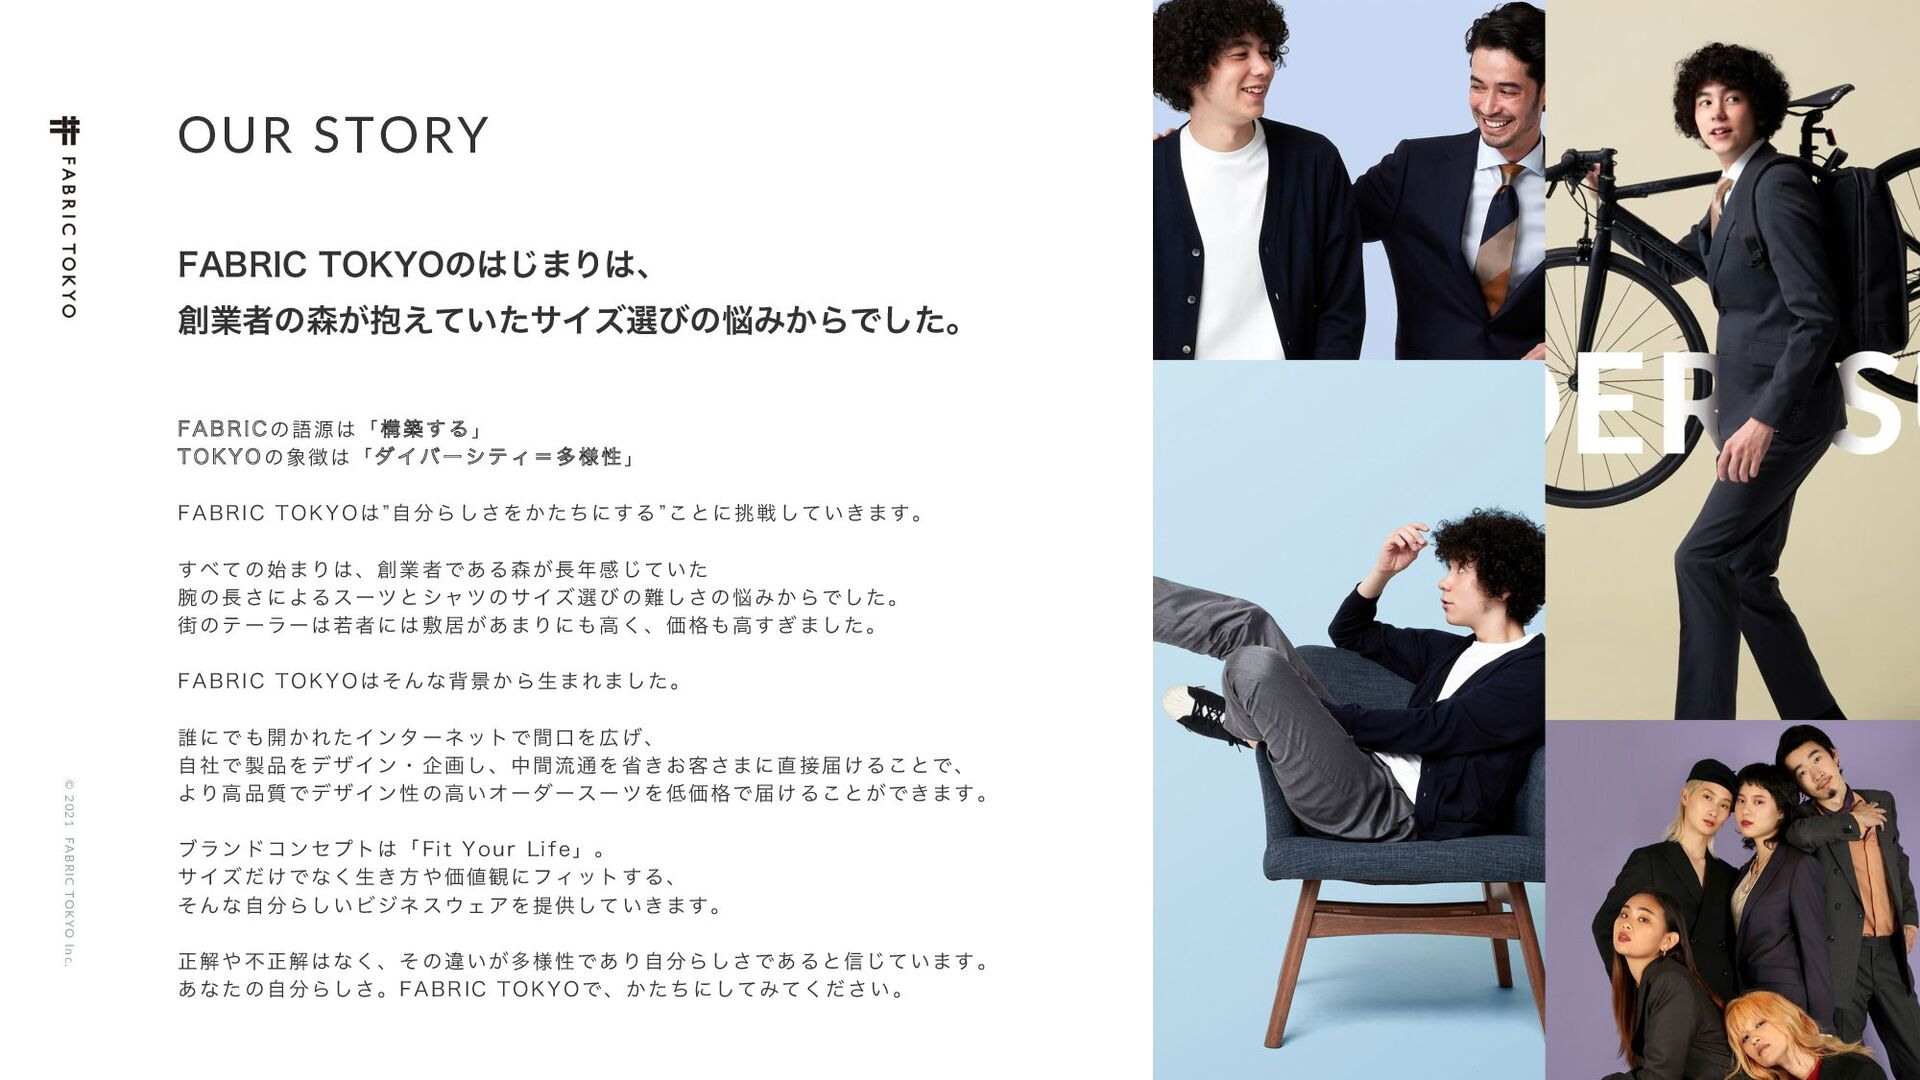 © 2021 FABRIC TOKYO Inc. 5 ୭͕ࣗΒ͍͠ϥΠϑελΠϧΛ ࣗ༝ʹ...